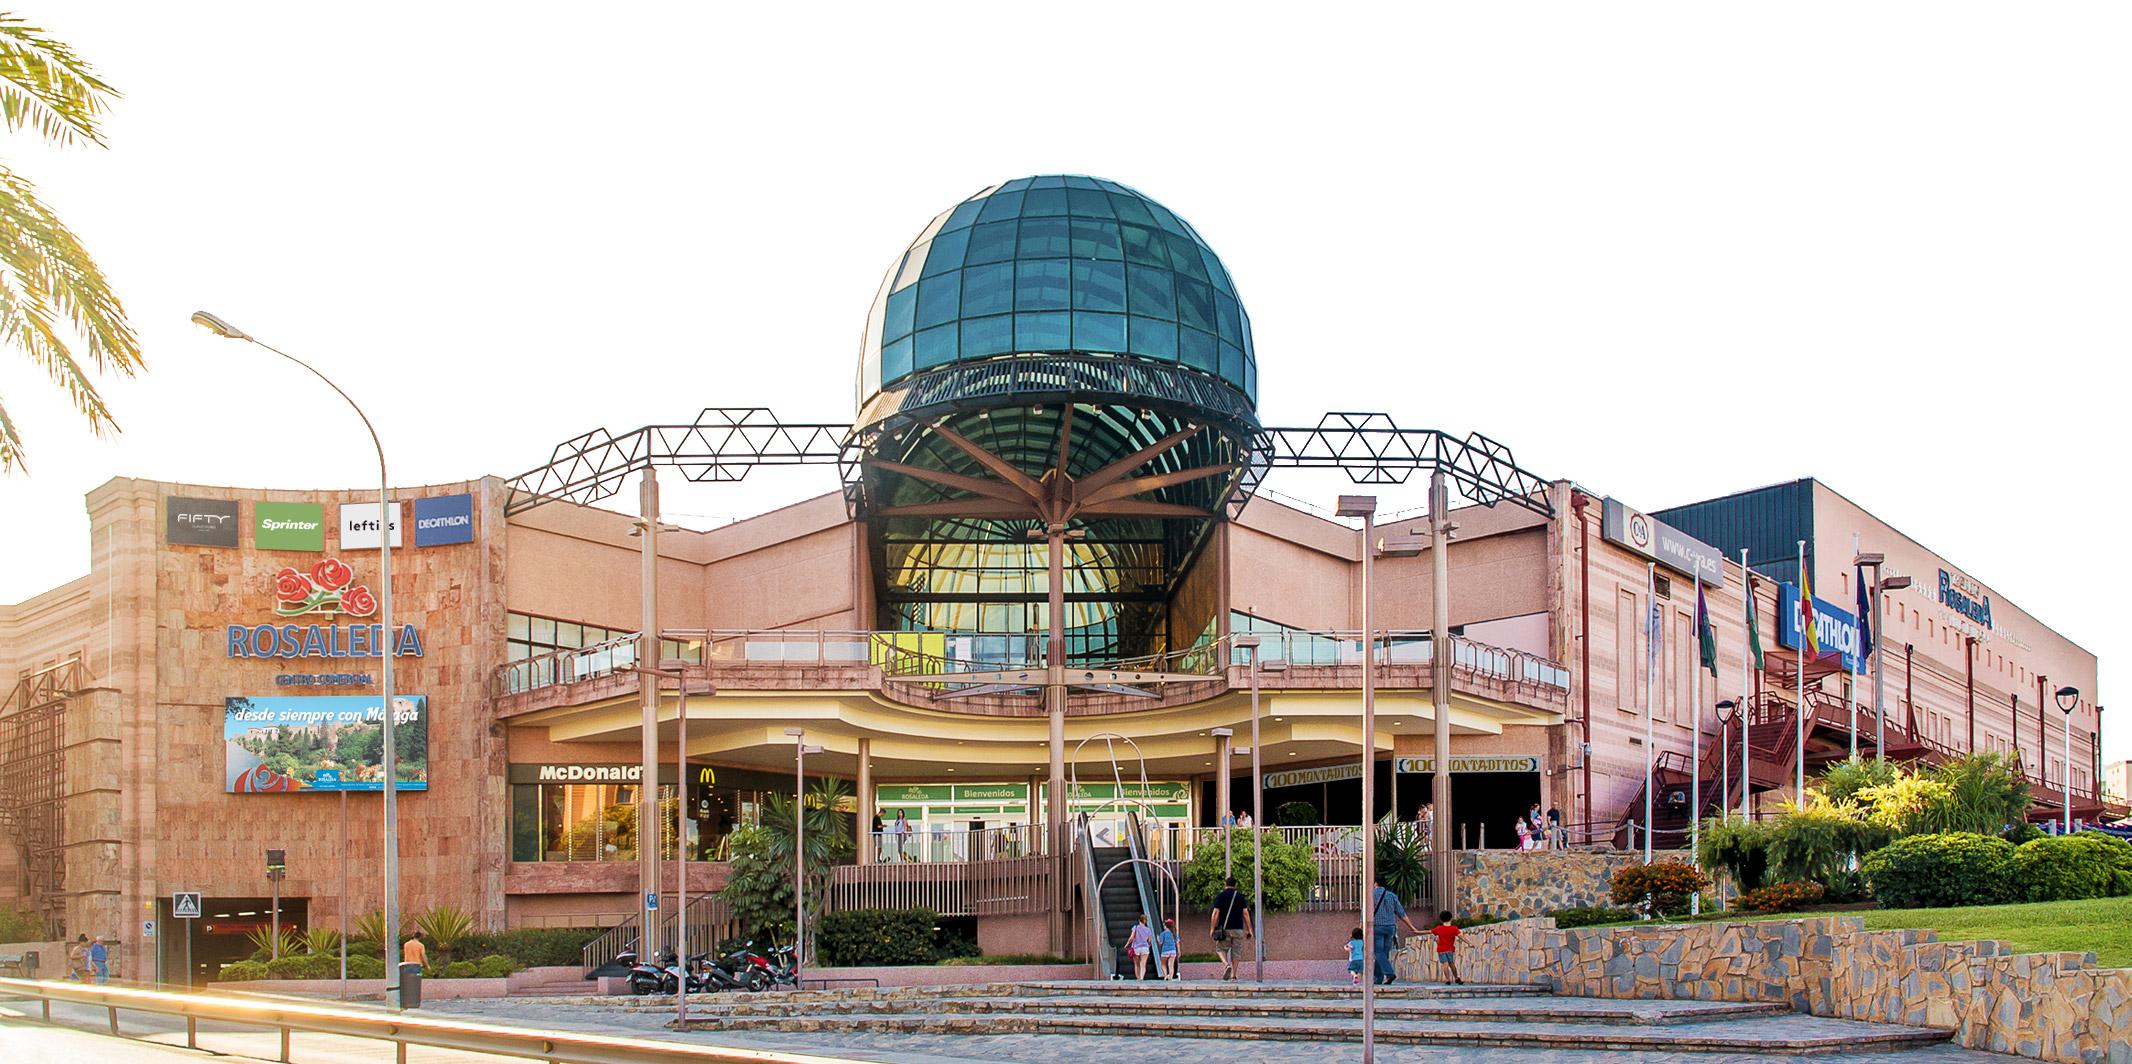 Bienvenido al Centro Comercial Rosaleda